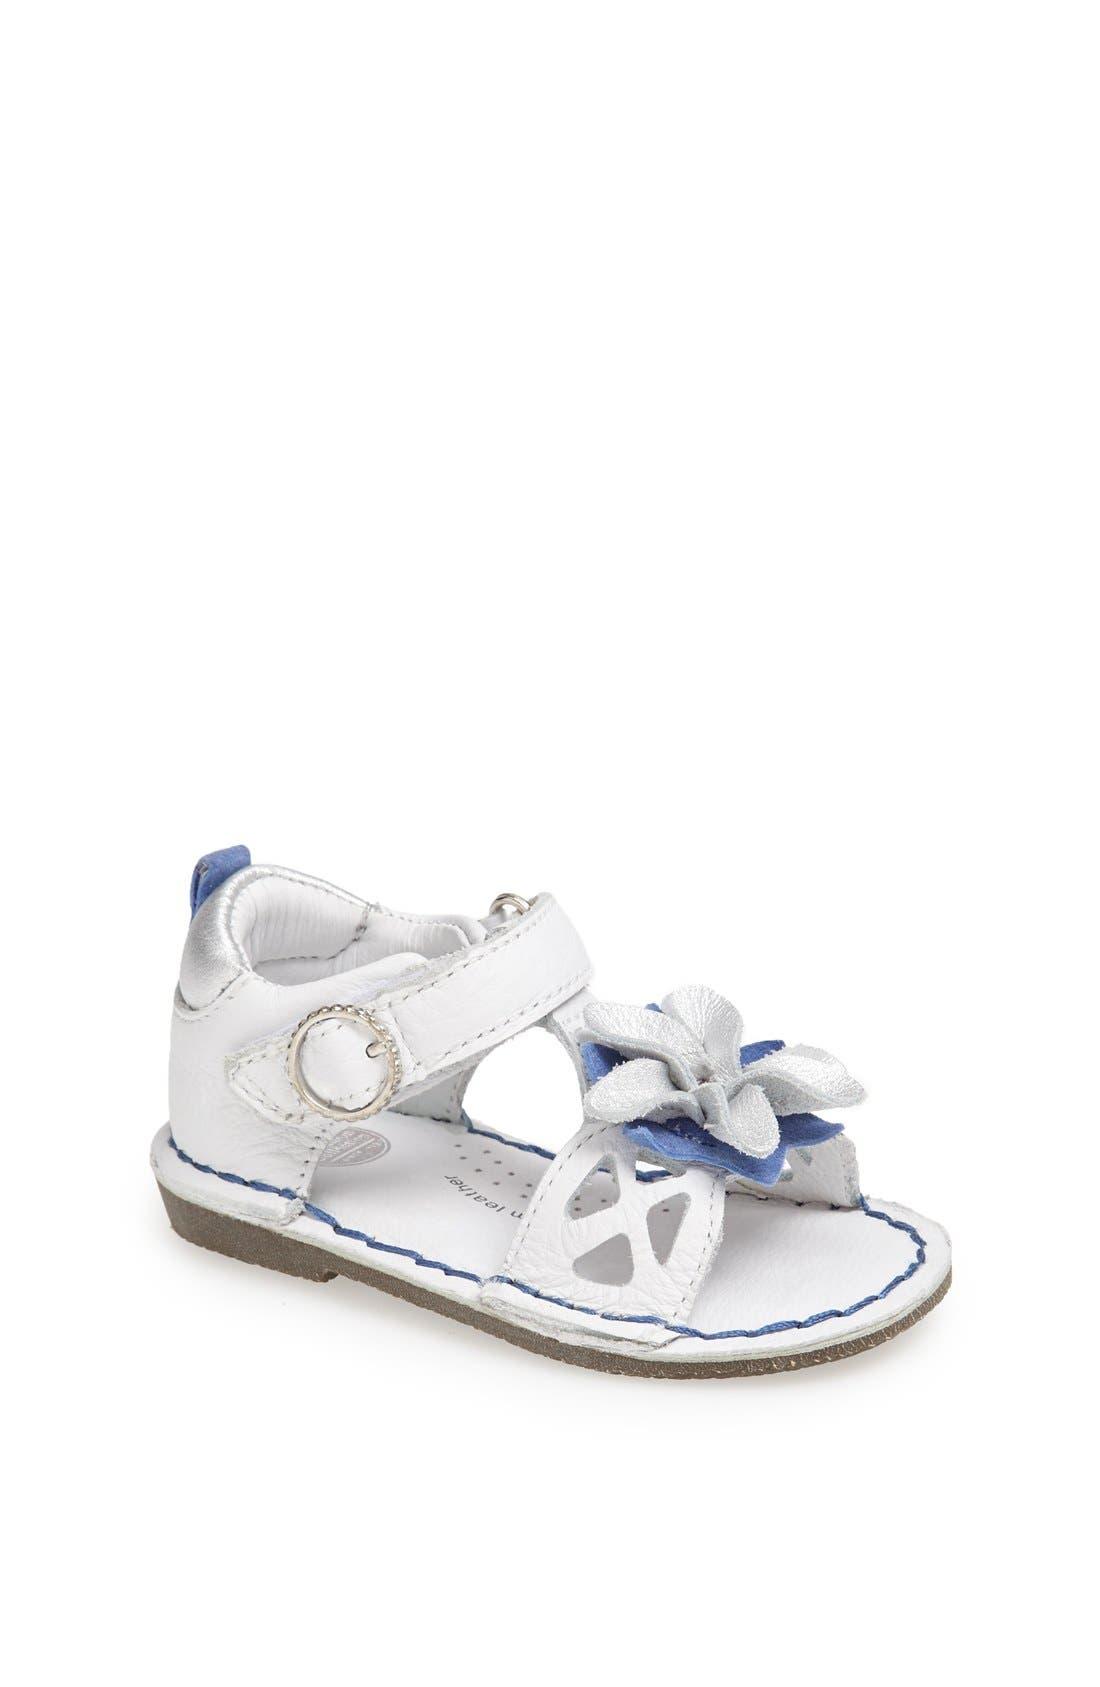 Alternate Image 1 Selected - Stride Rite 'Haven' Sandal (Baby, Walker & Toddler)